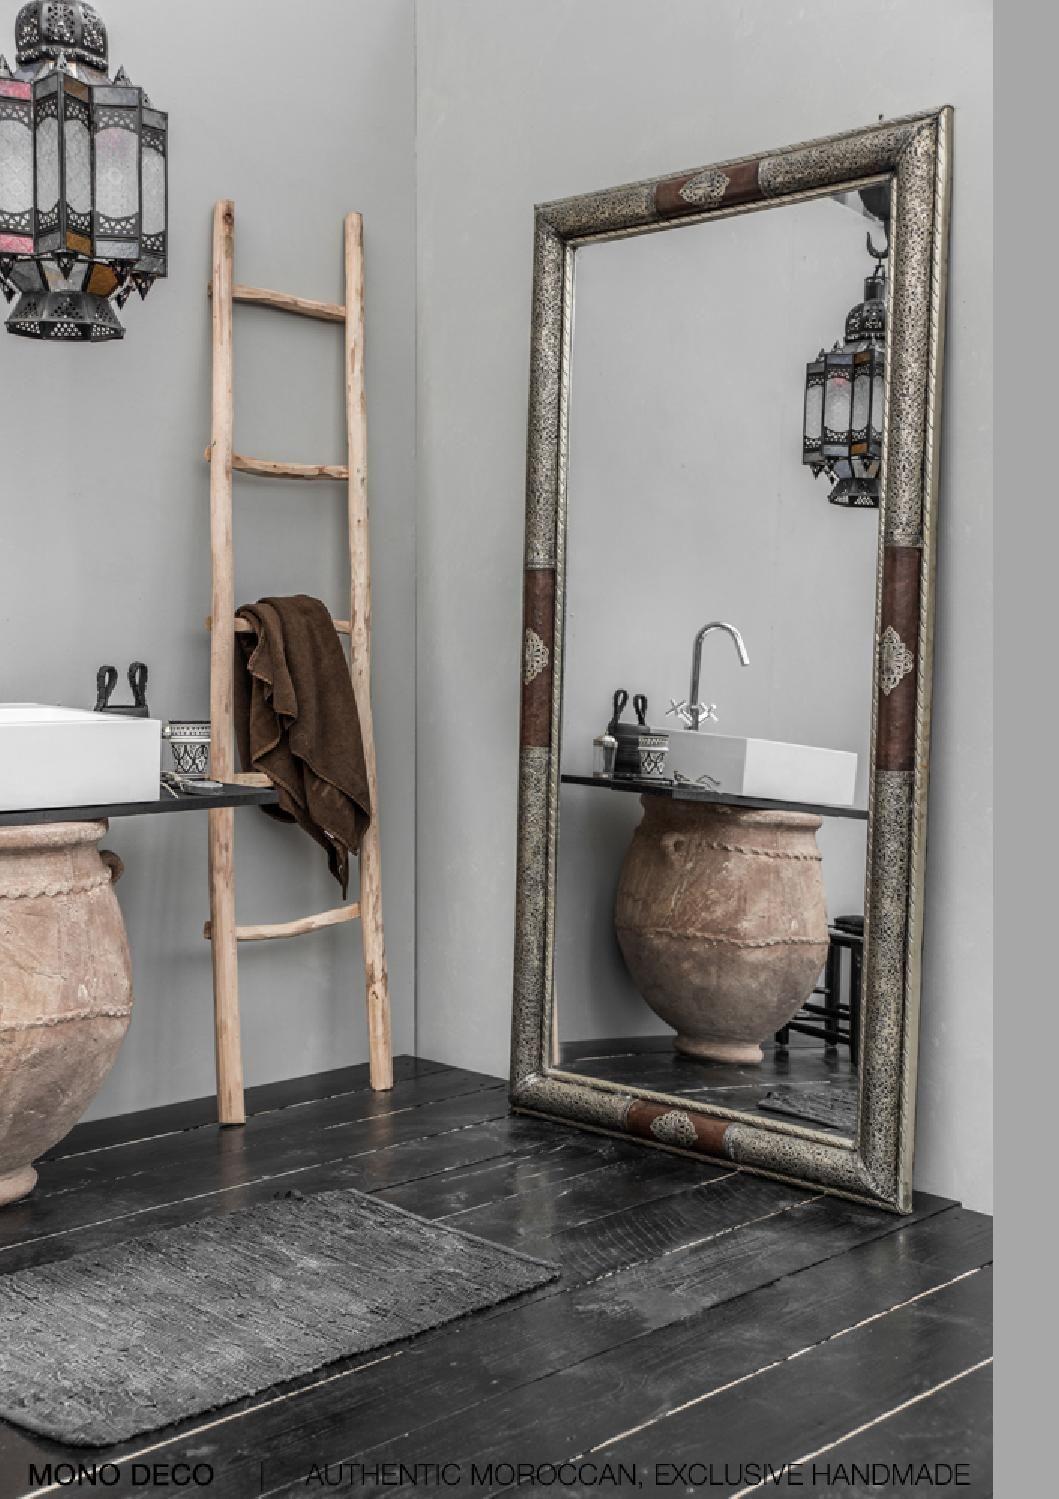 Mono deco ba os r sticos toallero y lavabo for Toalleros rusticos